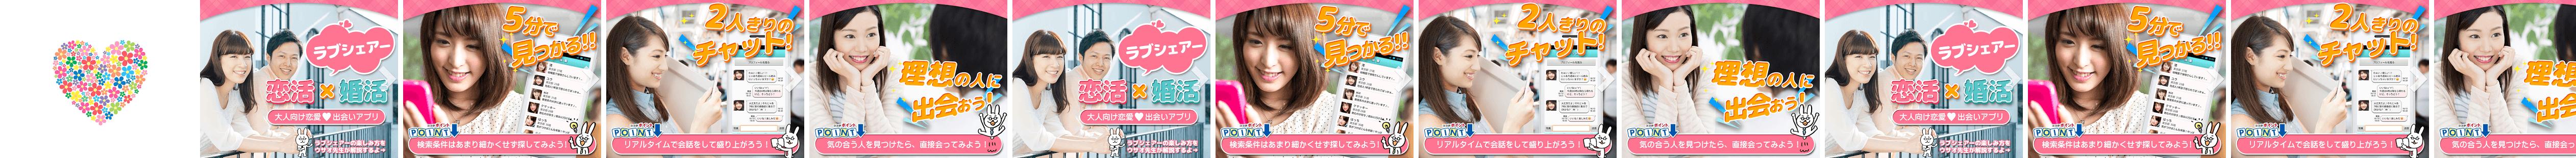 ラブシェアー 婚活・恋活・出会いアプリ登録無料